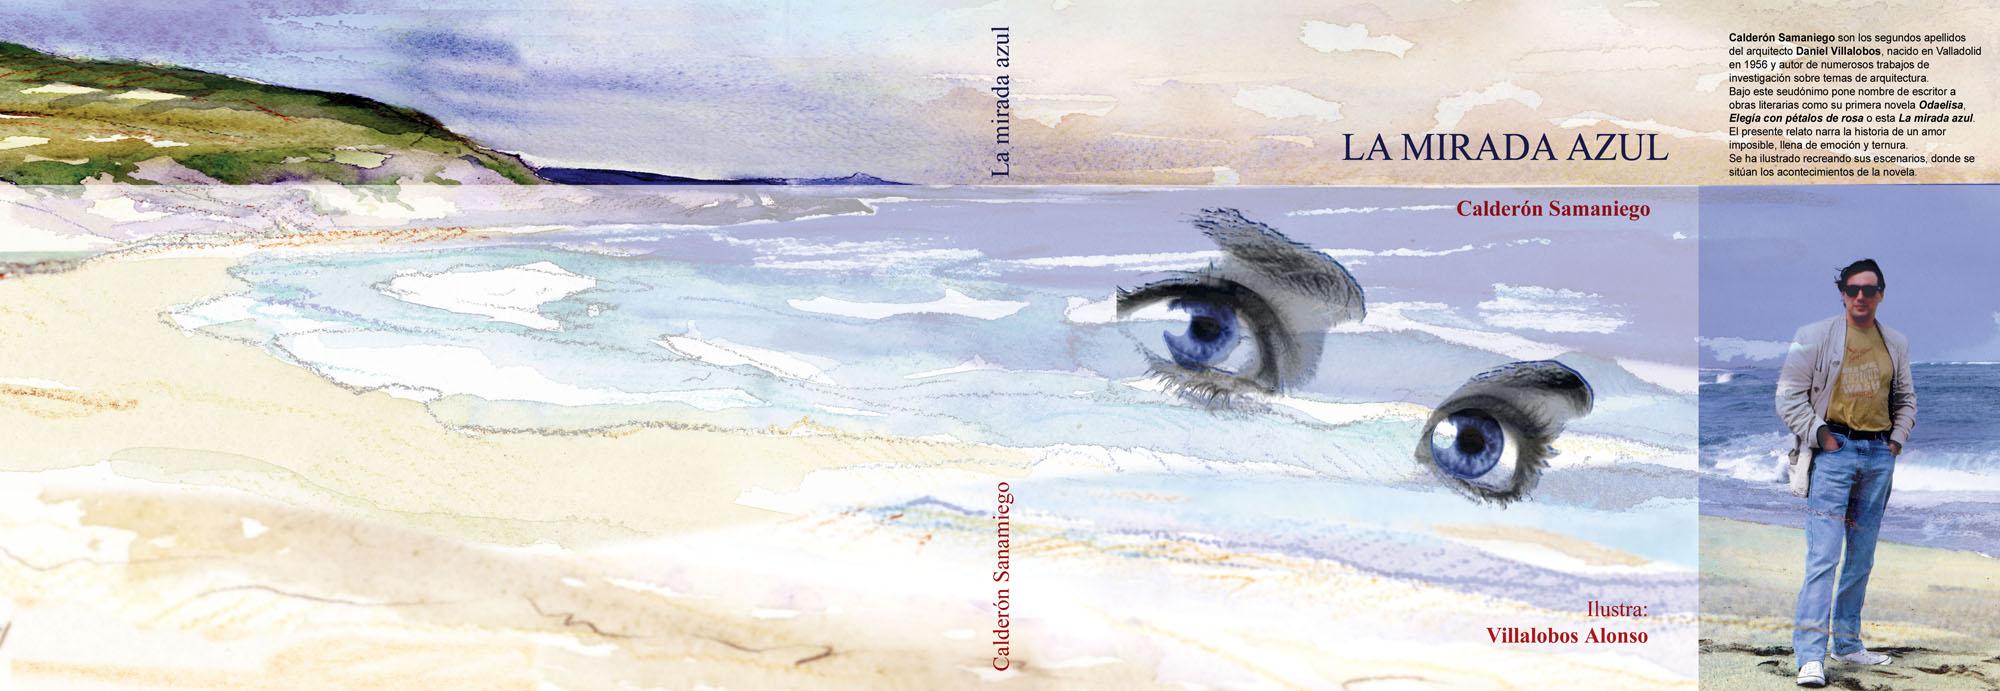 danielvillalobos-graphicdesign-bookcover-15